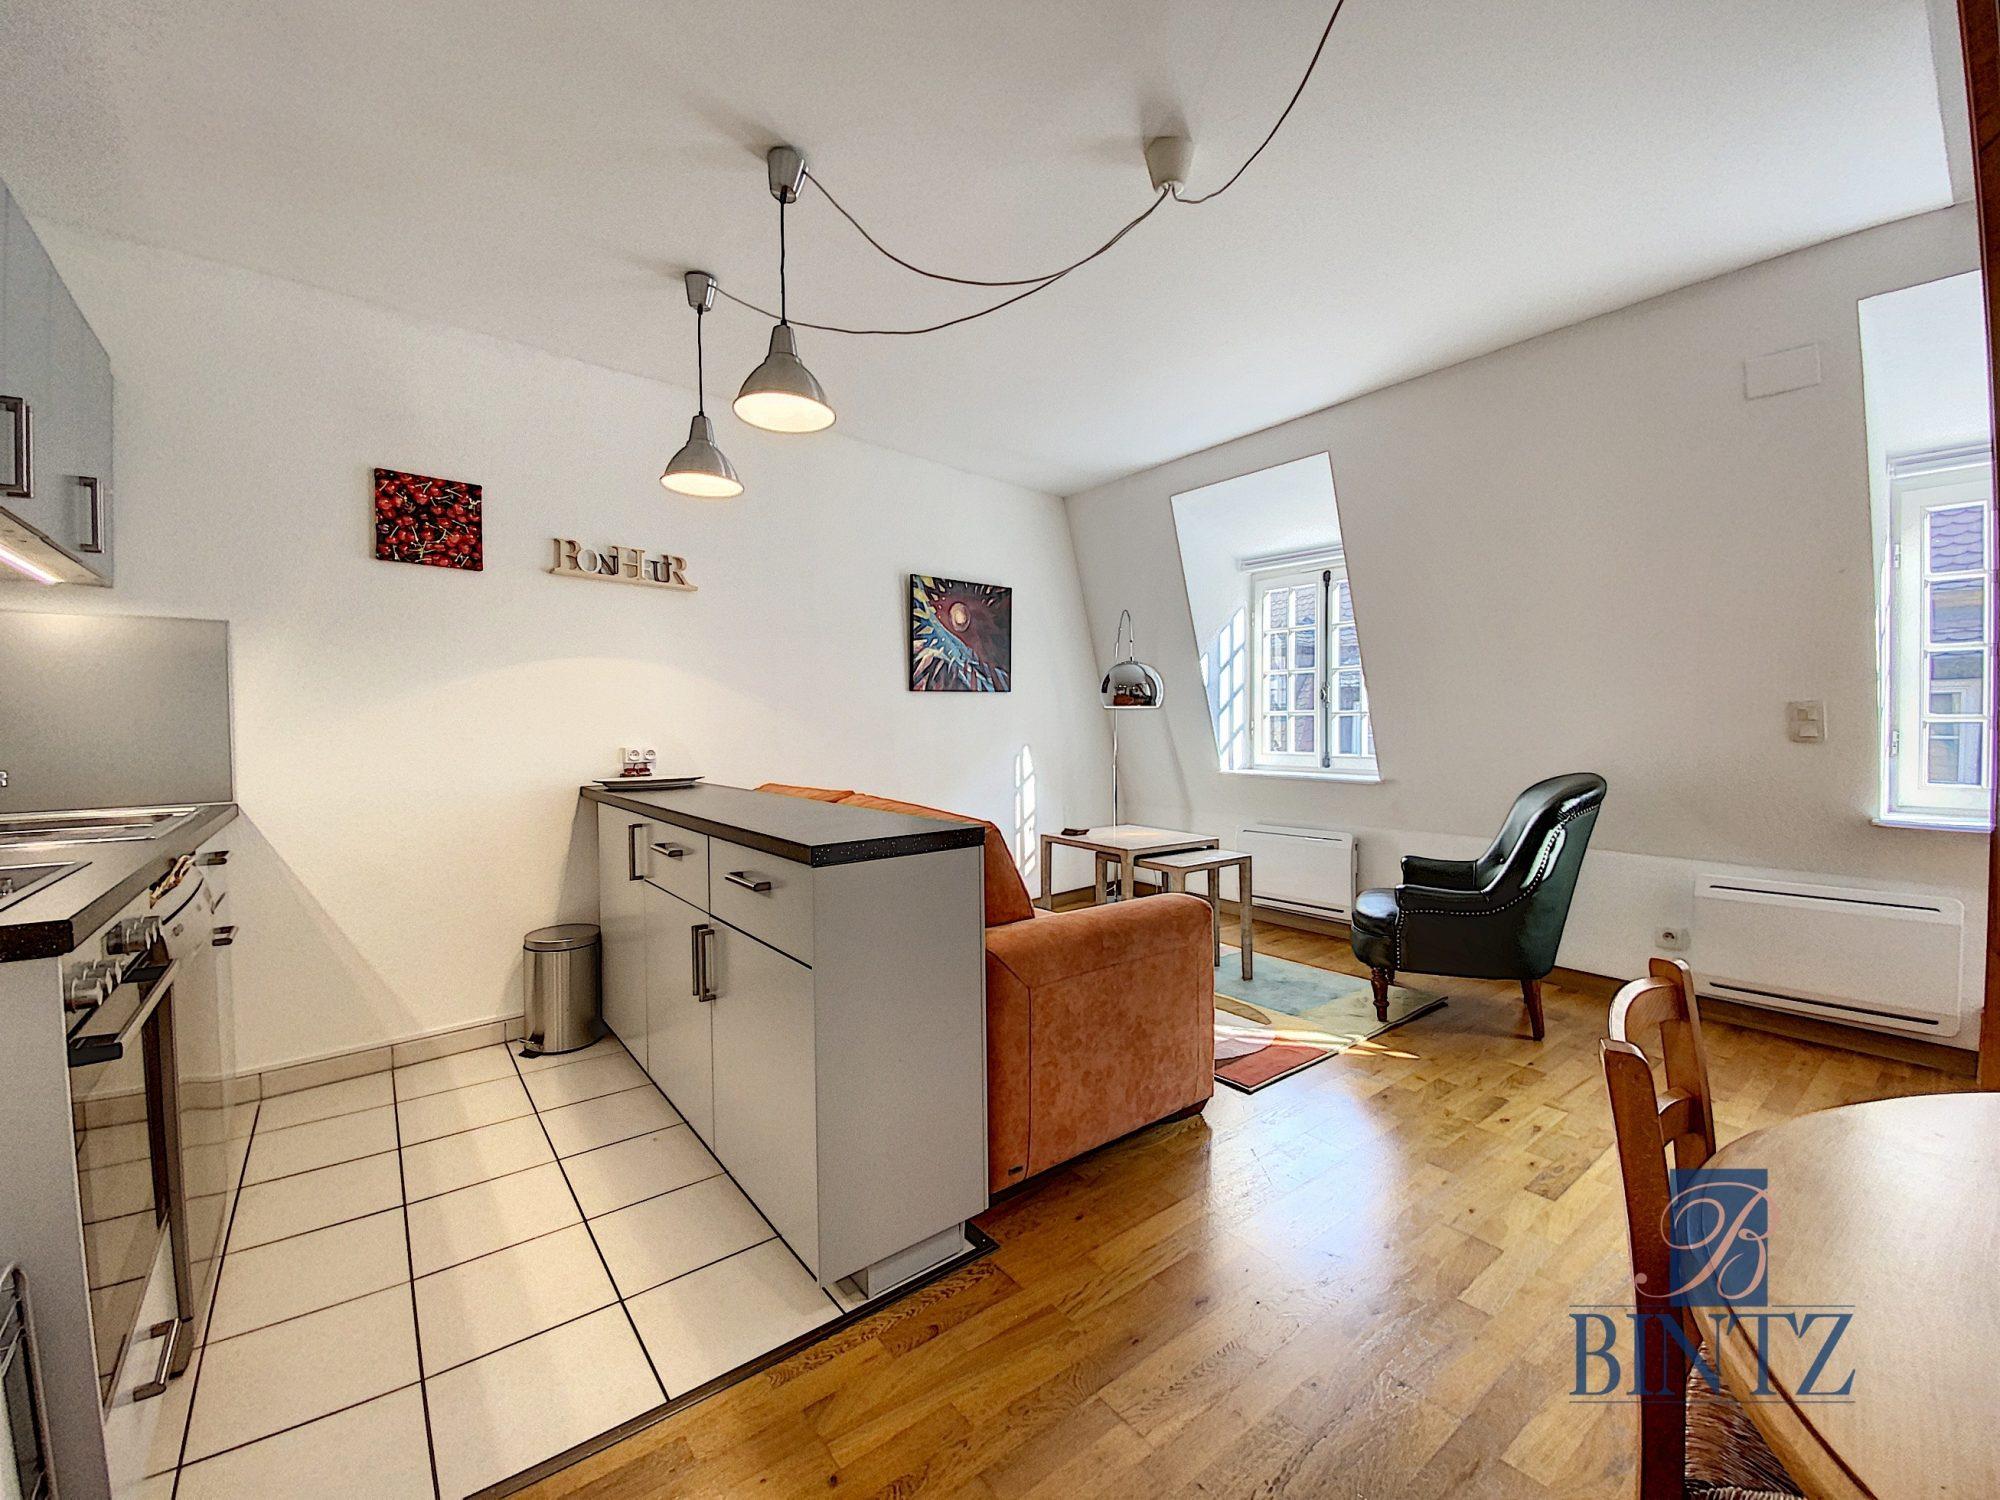 T3 MEUBLÉ HYPER-CENTRE VUE CATHÉDRALE - Devenez locataire en toute sérénité - Bintz Immobilier - 10